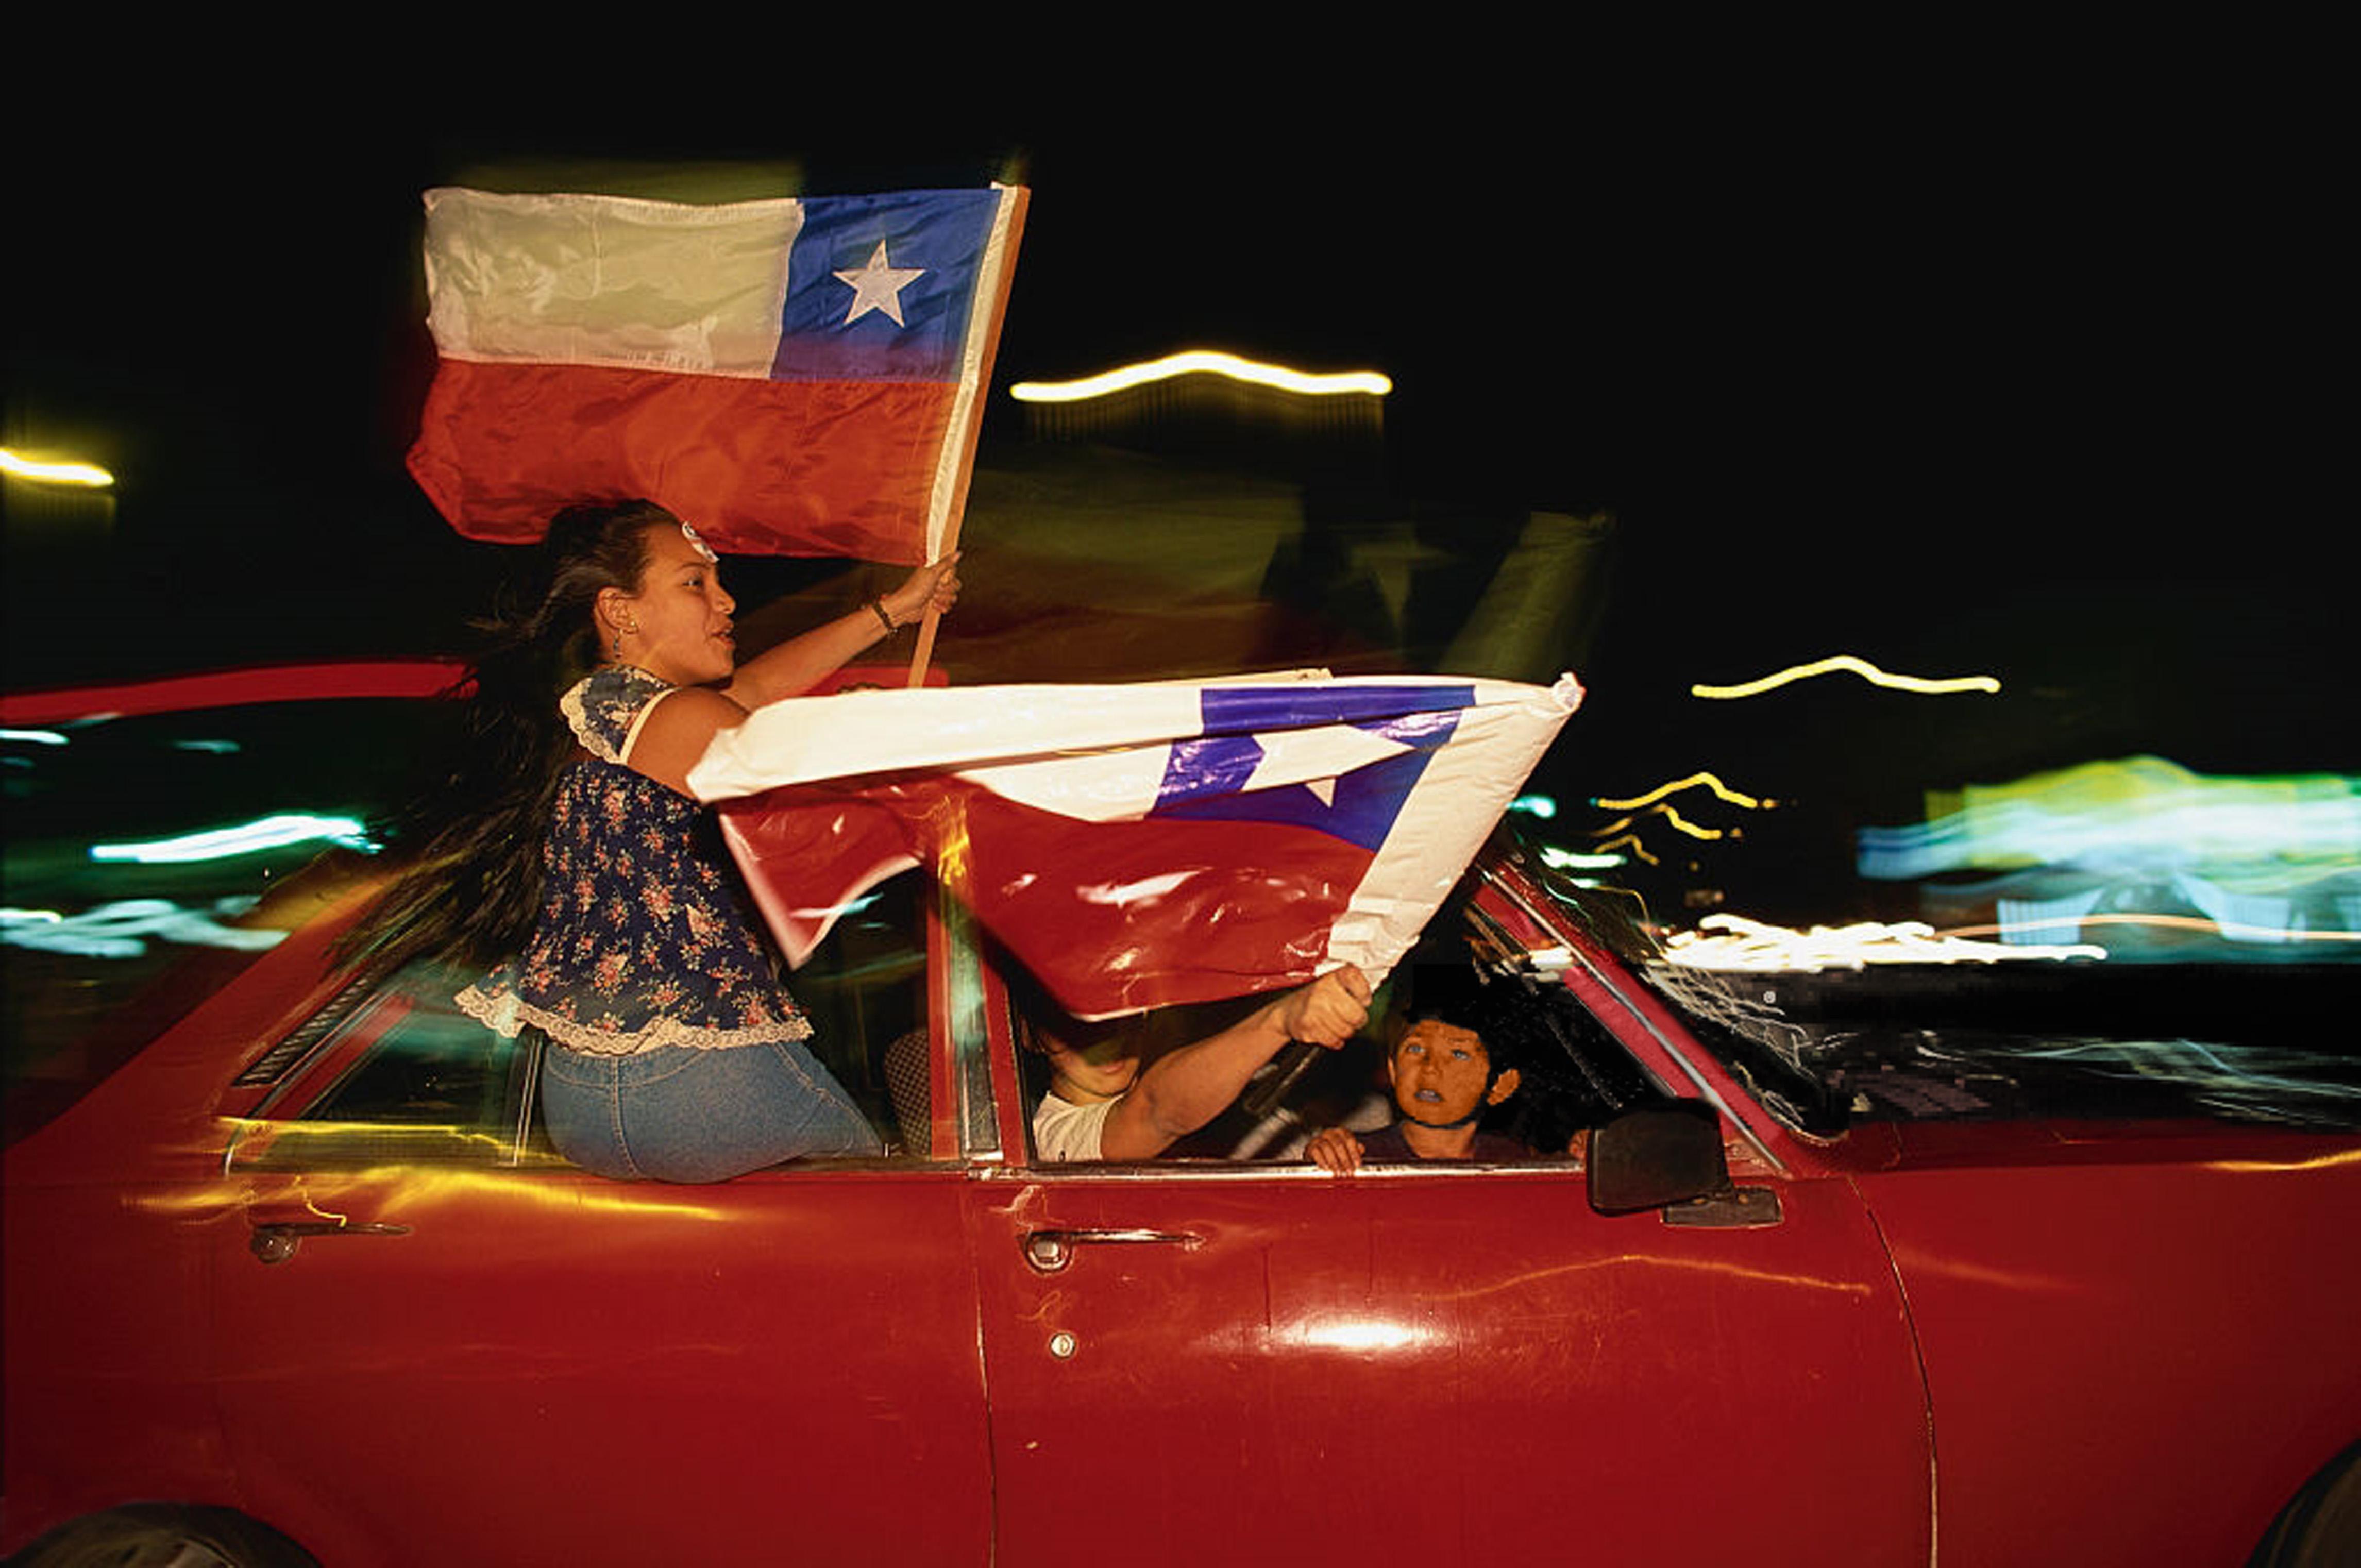 Enterreno - Fotos históricas de chile - fotos antiguas de Chile - Noche del 16 de enero de 2000 en Santiago